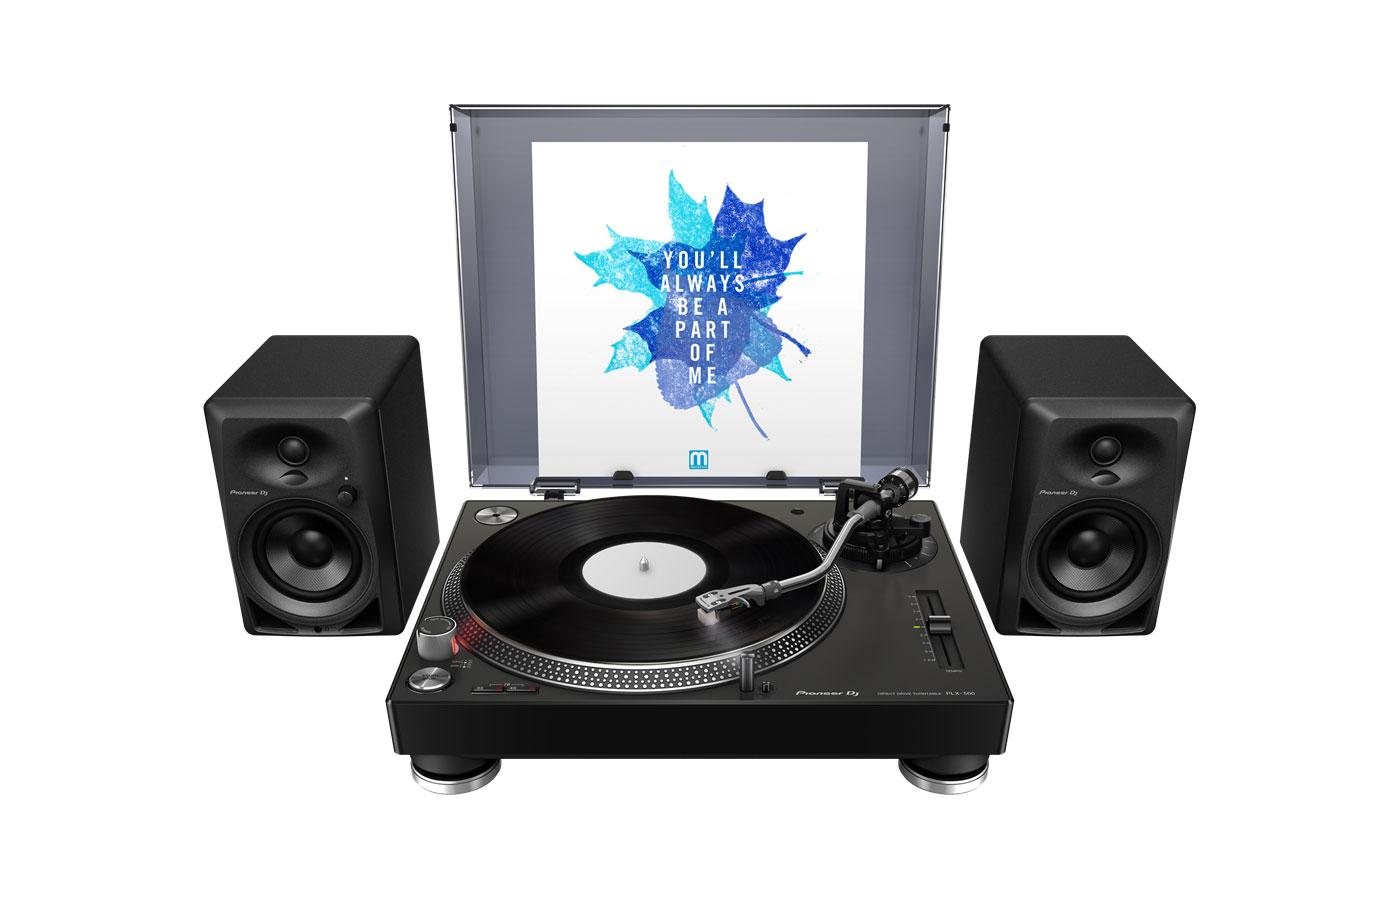 Digitise Vinyl With the Pioneer PLX-500